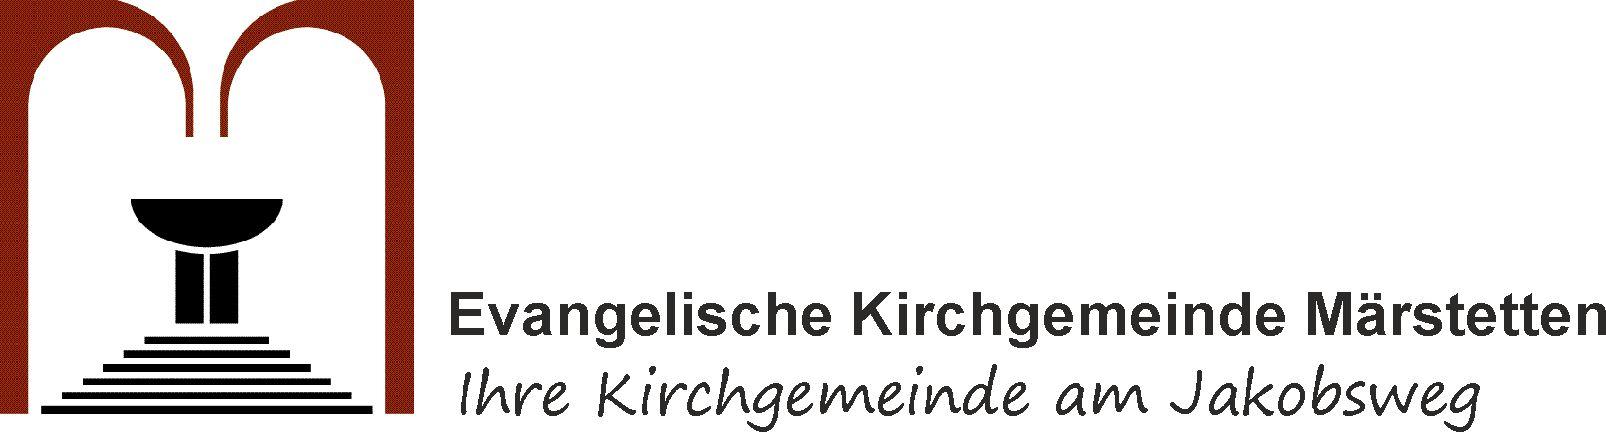 Evangelische Kirchgemeinde Märstetten - Ihre Kirchgemeinde am Jakobsweg